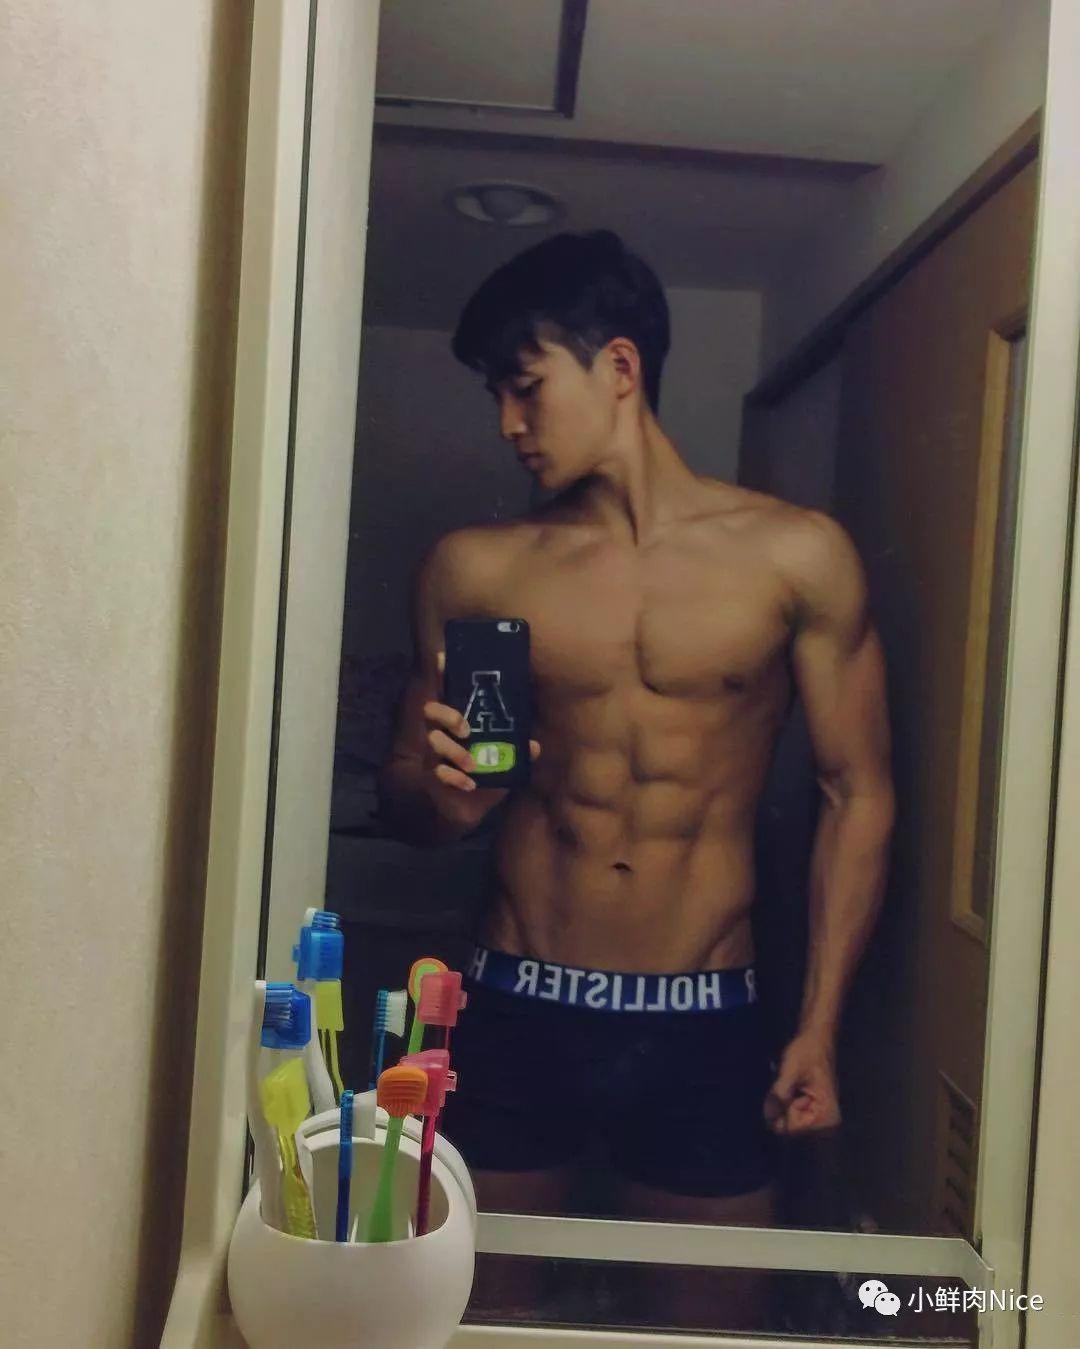 日本19岁健身男孩八木勇征。